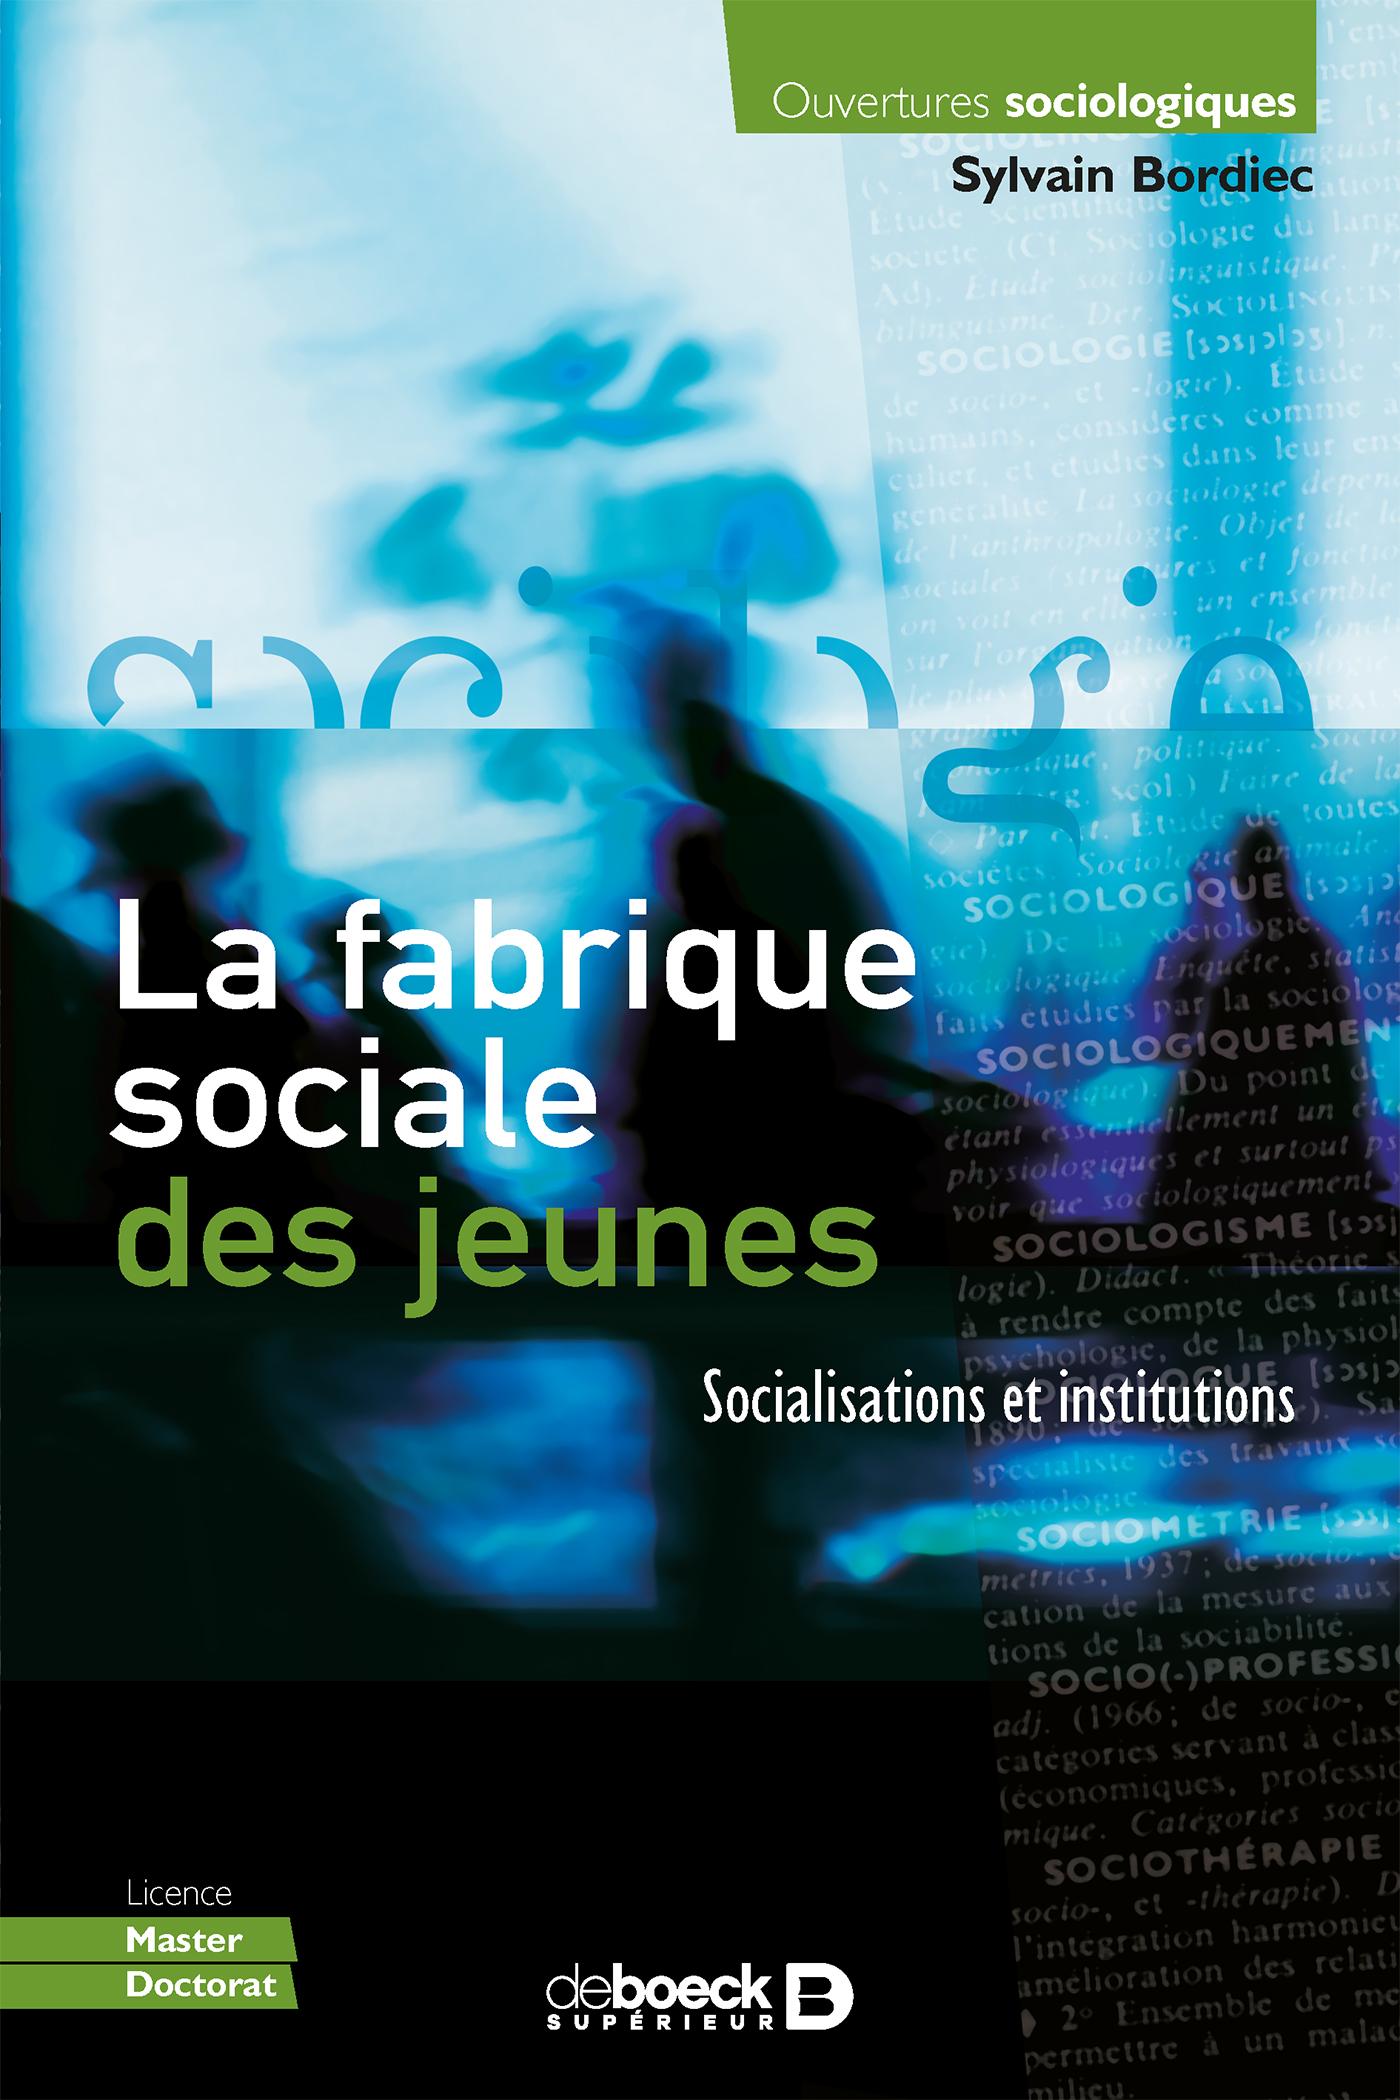 """Résultat de recherche d'images pour """"La fabrique sociale des jeunes : socialisations et institutions / Bordiec, Sylvain"""""""